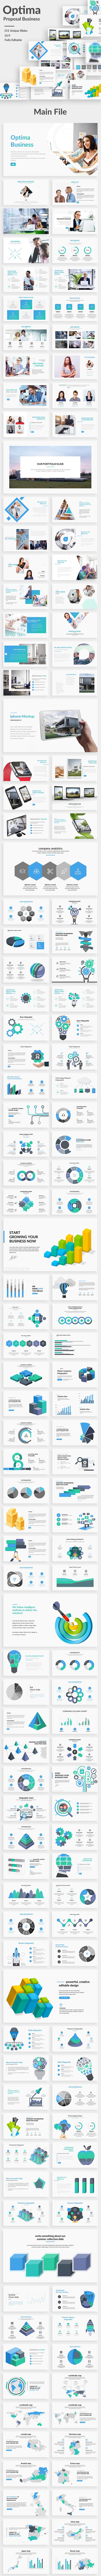 Optima Proposal Business Google Slide Template - Google Slides Presentation Templates